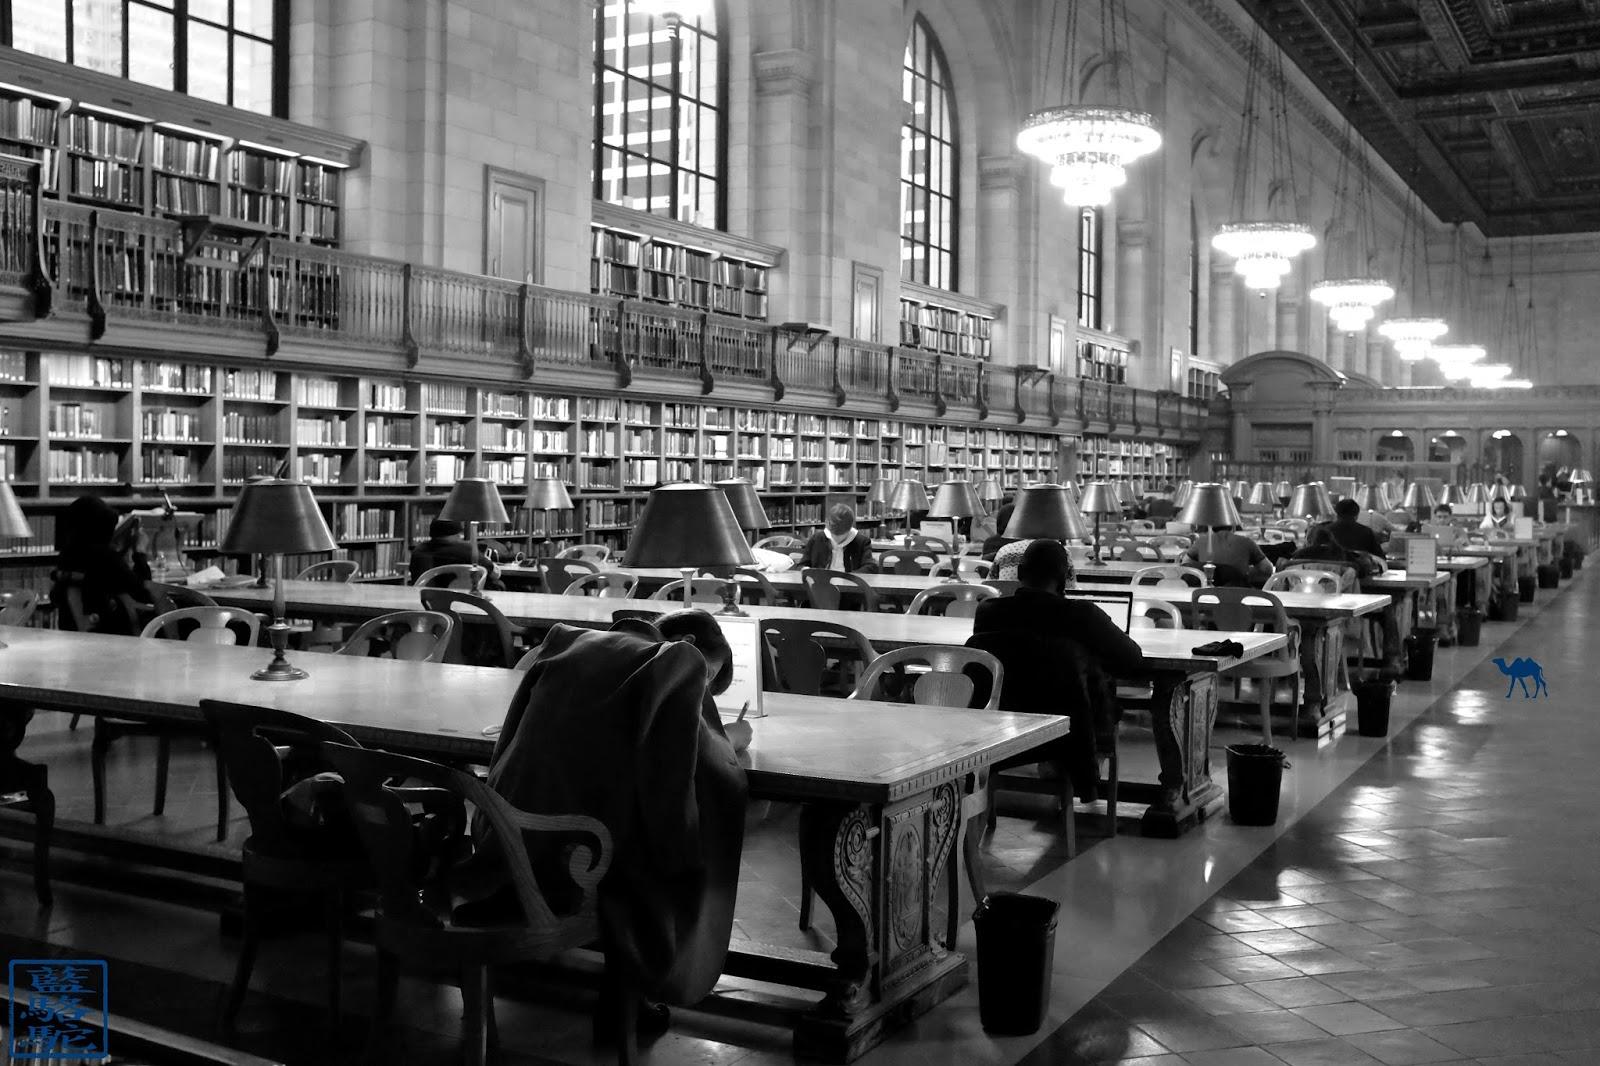 Le Chameau Bleu - Bibliothèque de New York